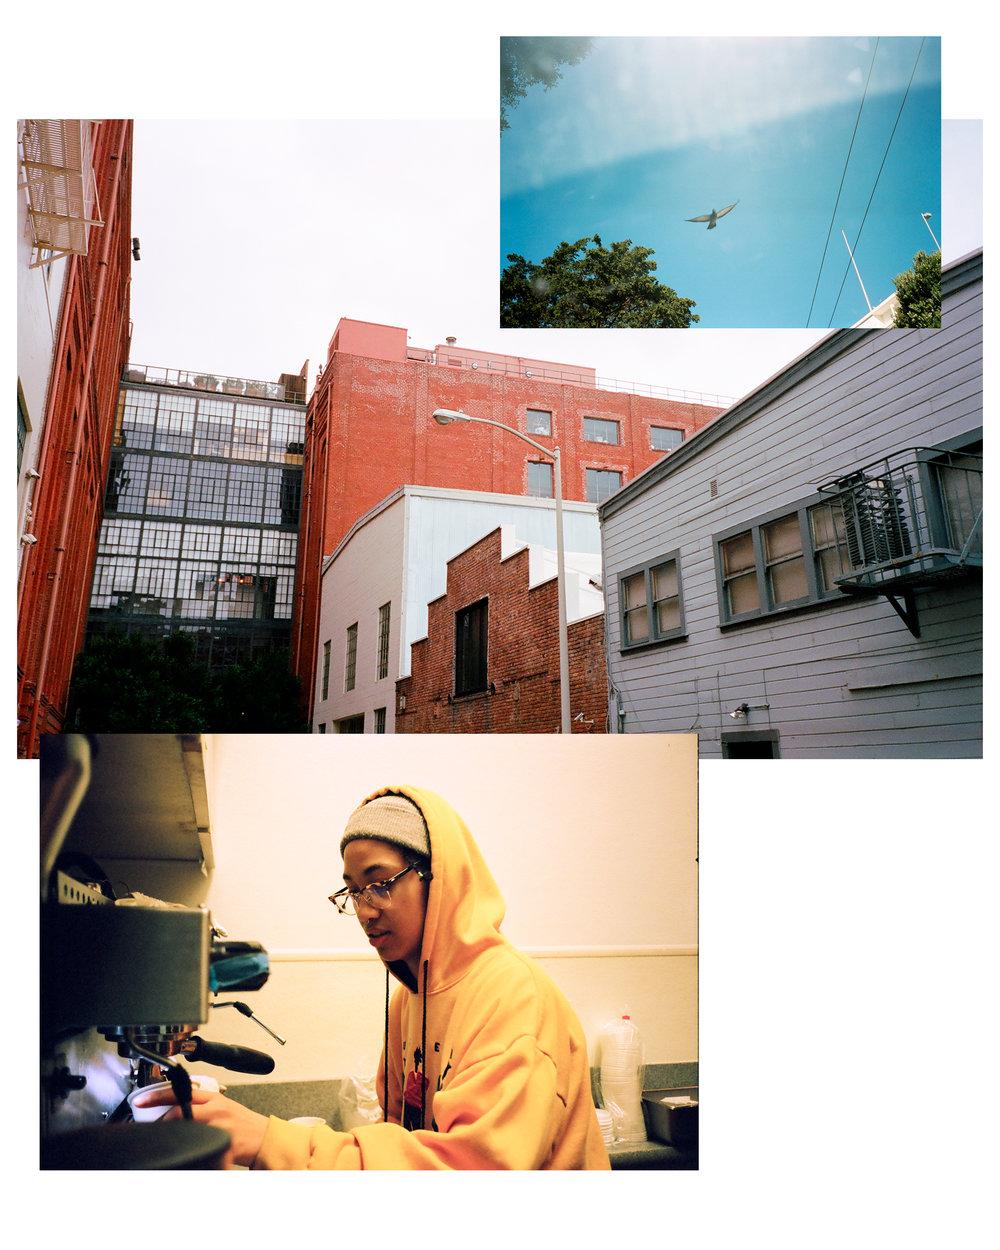 2-Little-Window-Plates-6.jpg